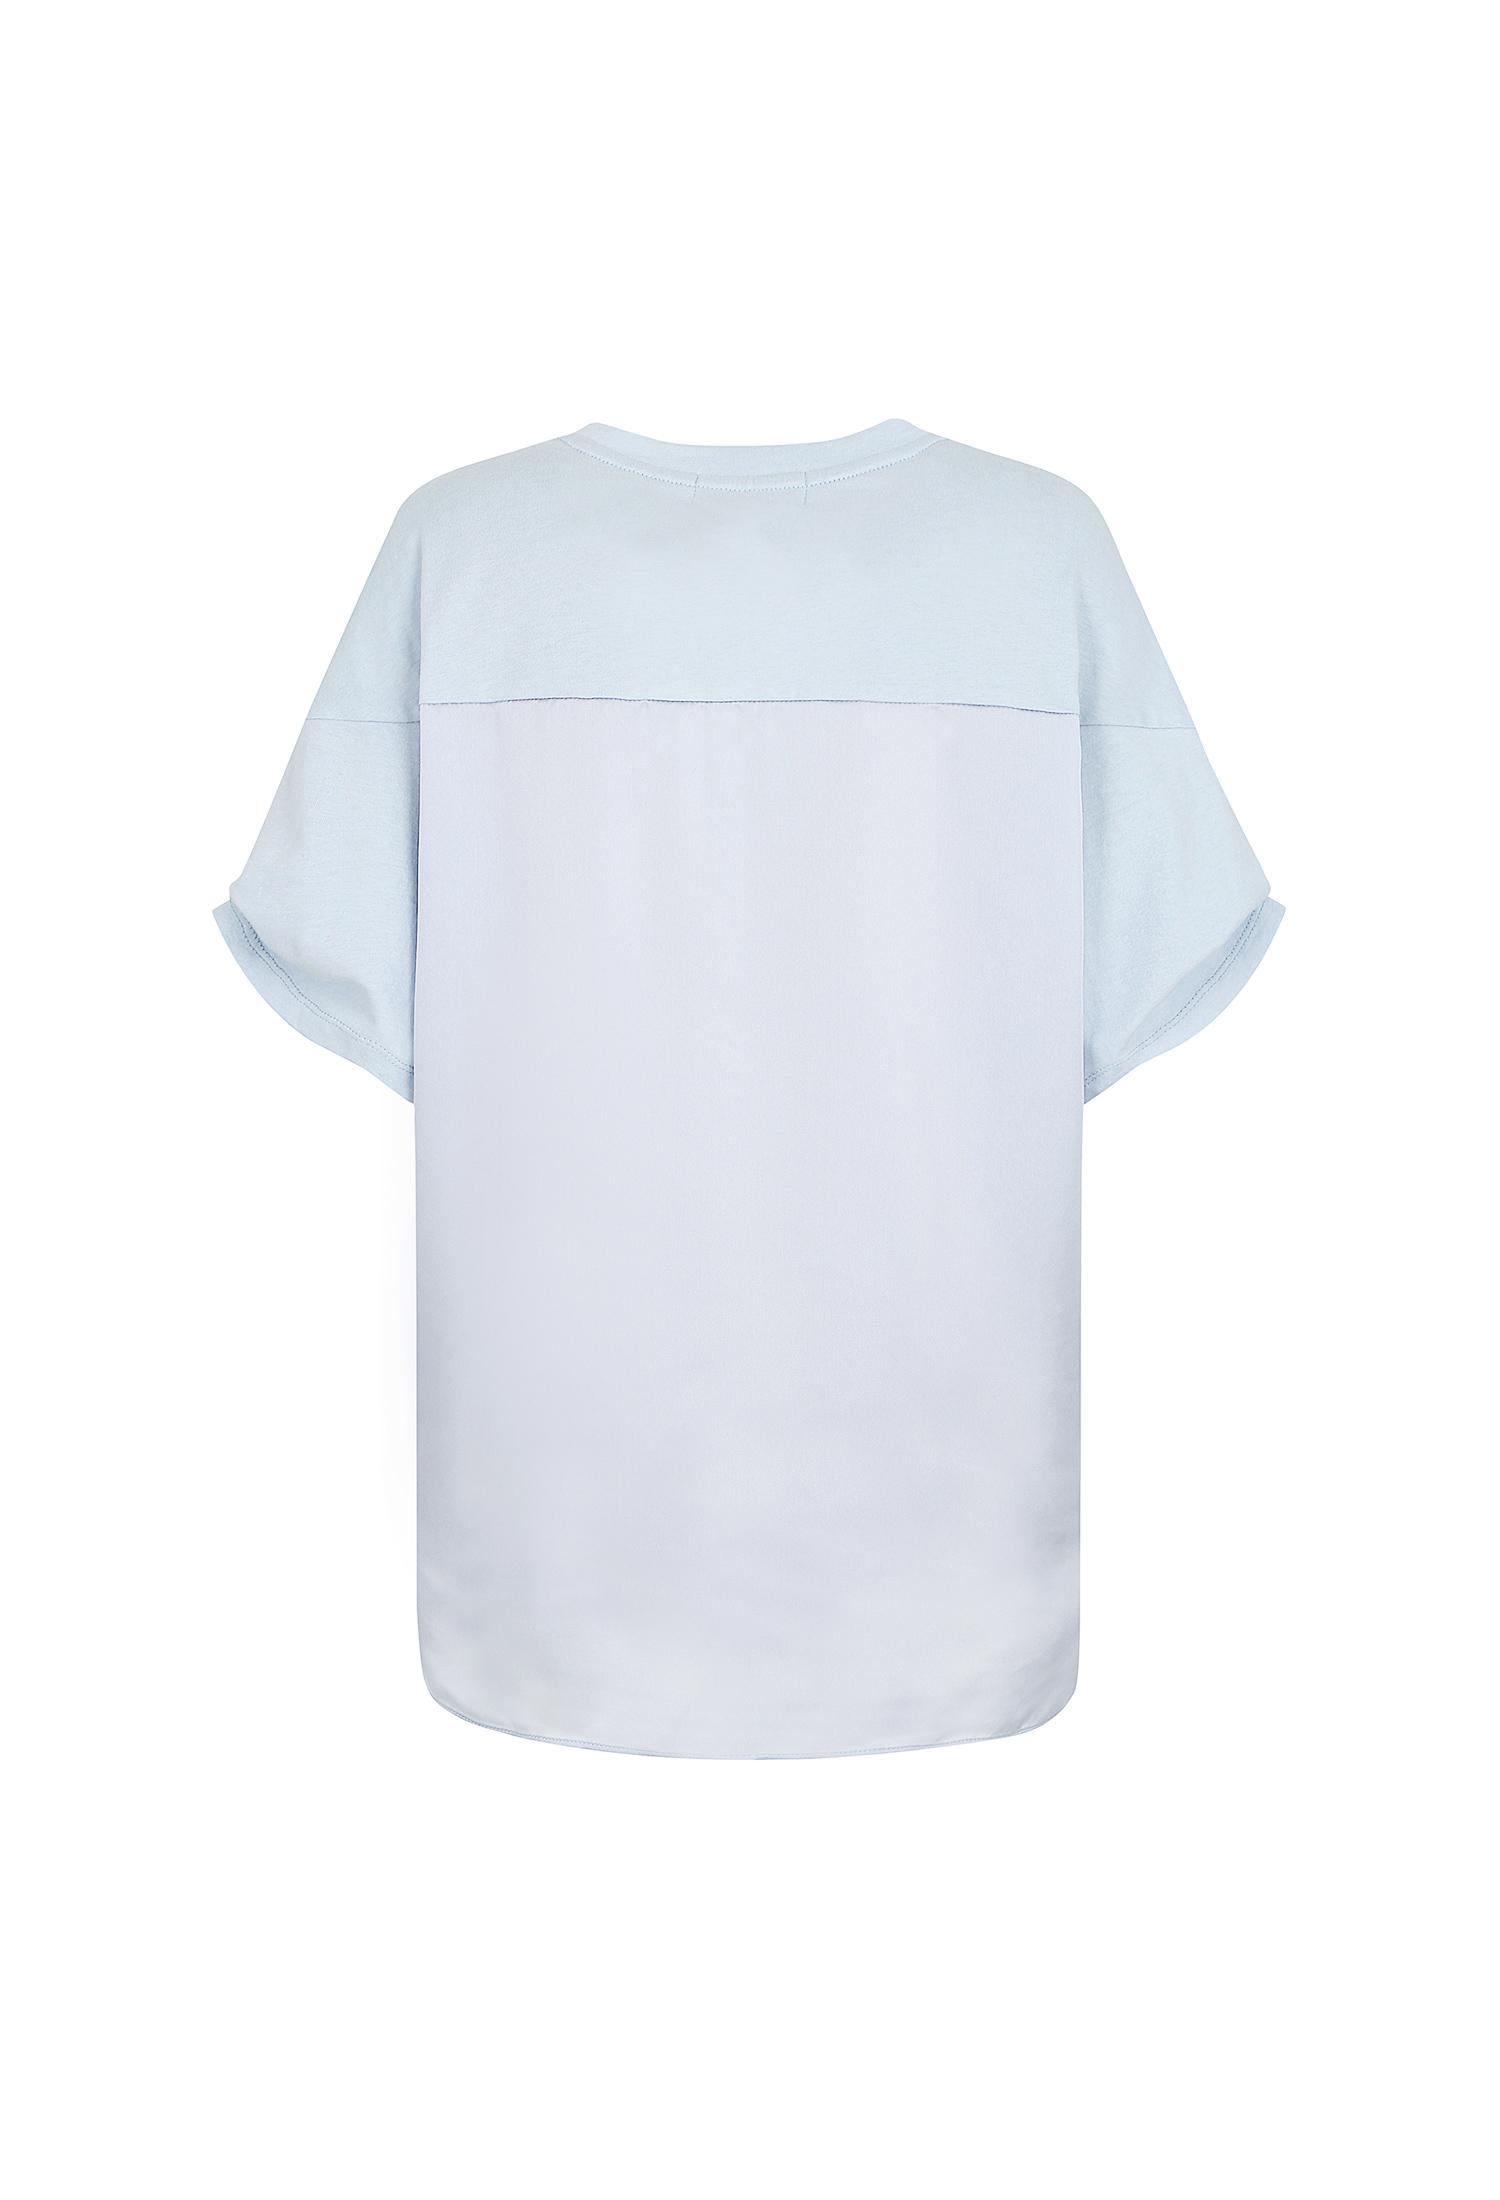 실키 배색 레터링 티셔츠 (L/BLUE)